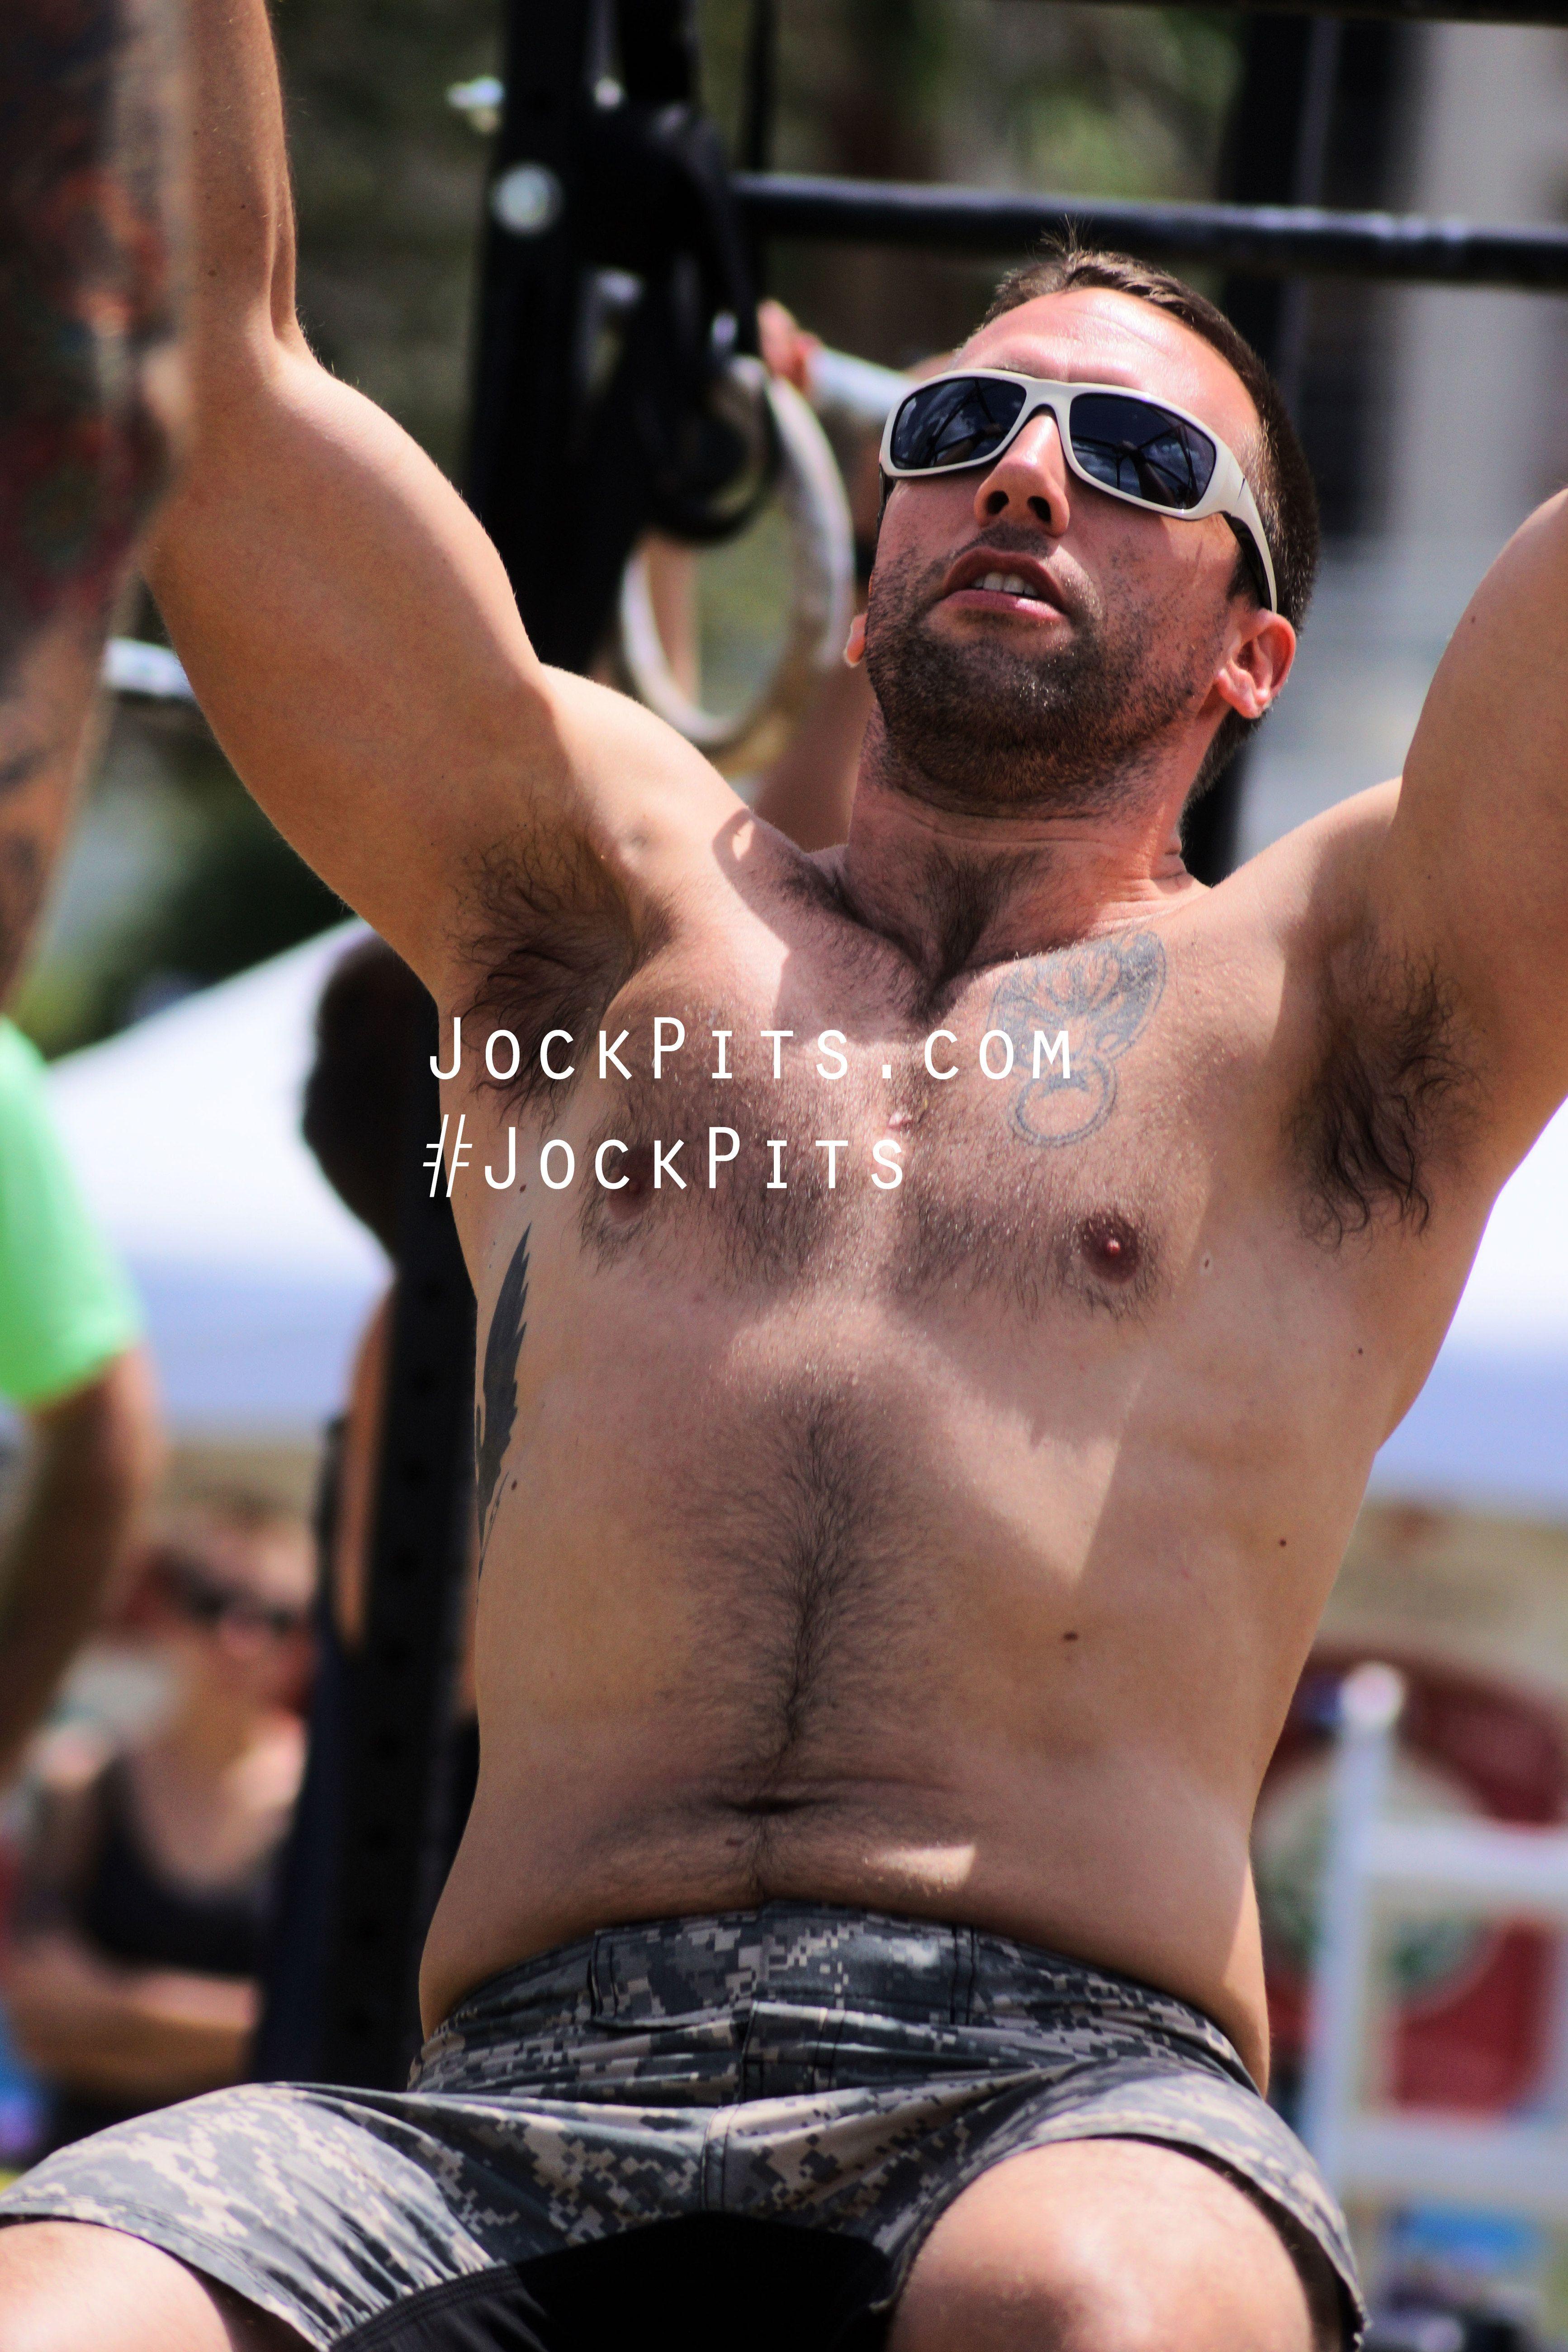 Hairy armpits gay men